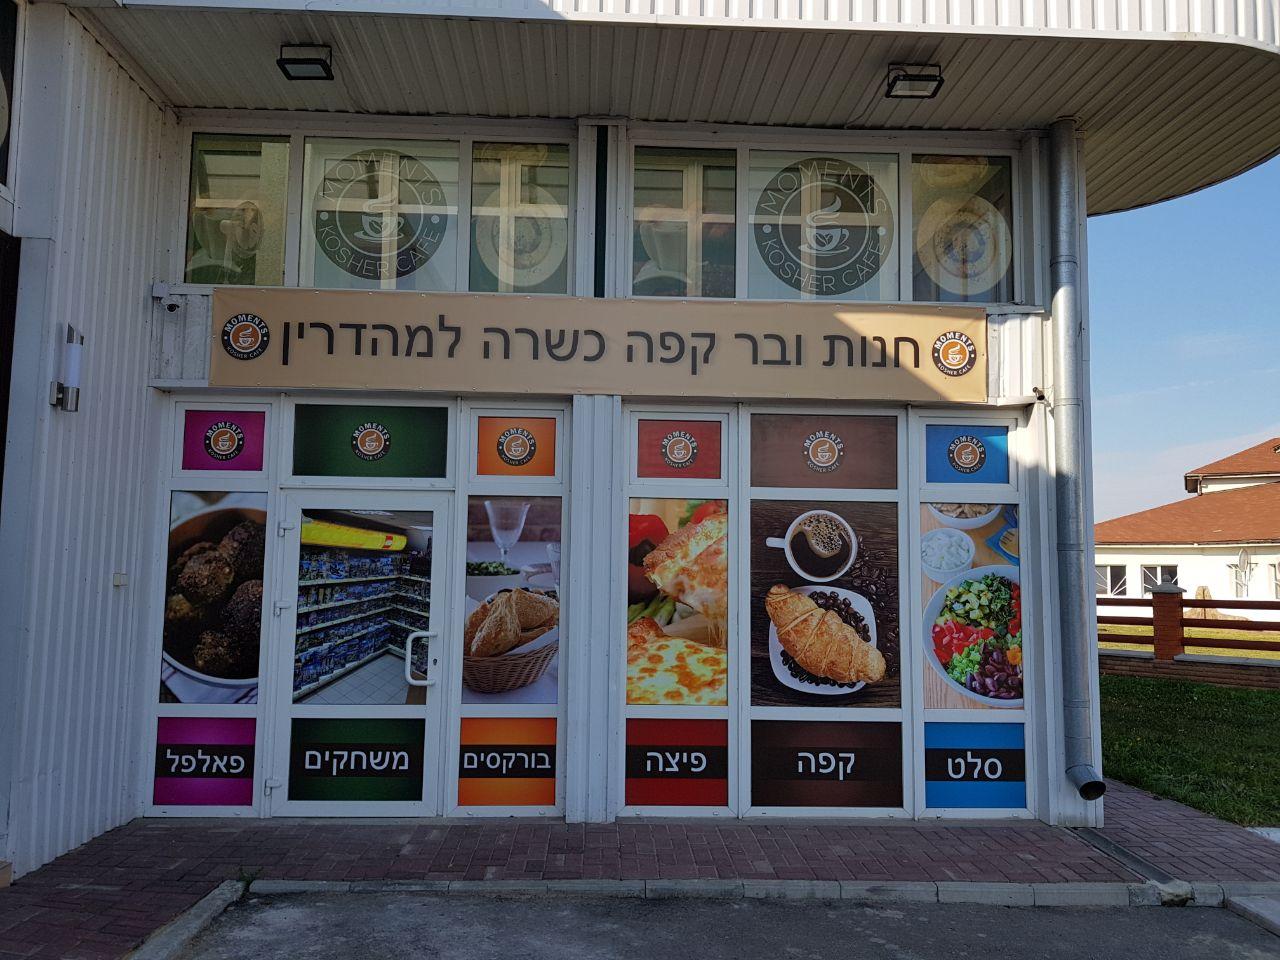 תחנת דלק עם חנות כשרה בדרך לאומן